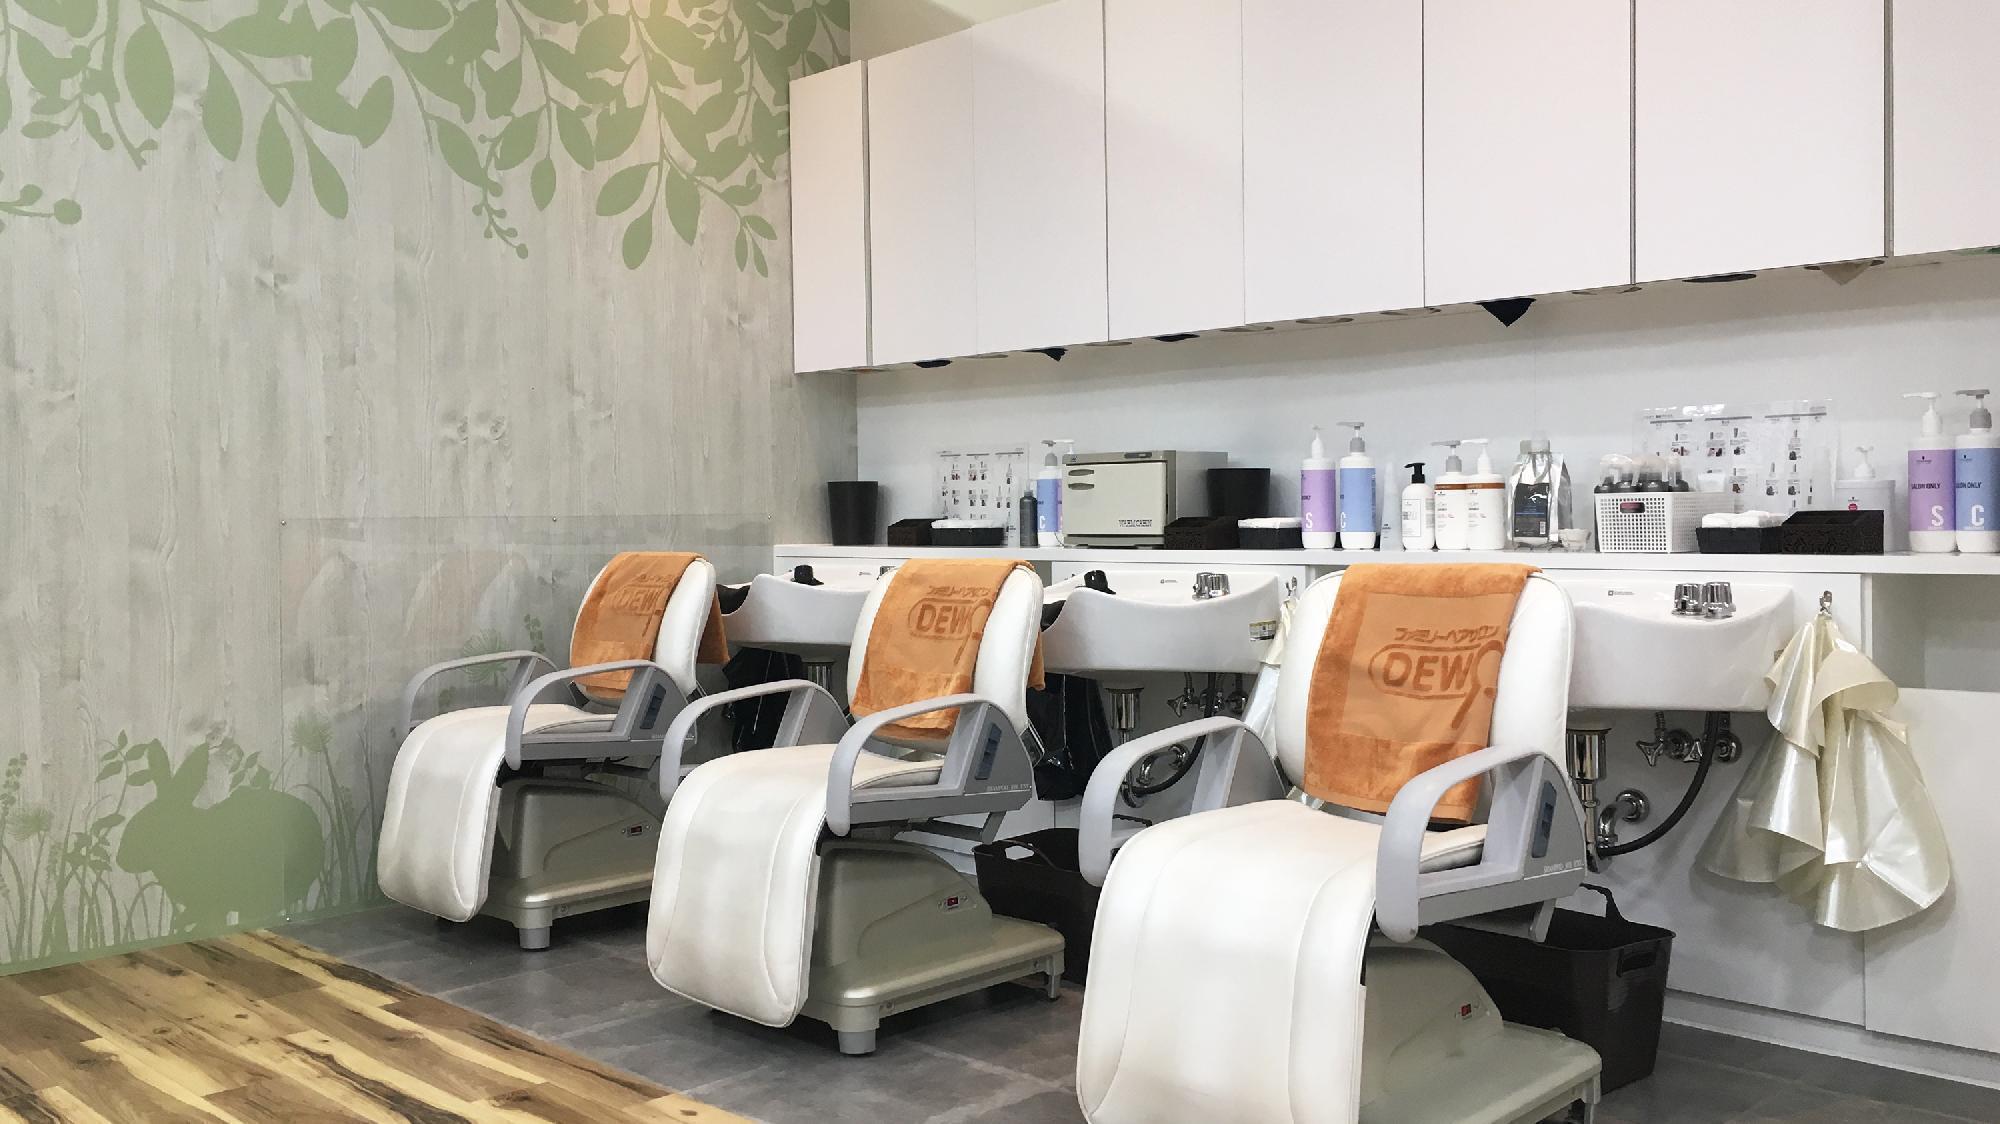 美容師だけでない様々なキャリアプランがあり、 60歳を過ぎても働ける環境です!